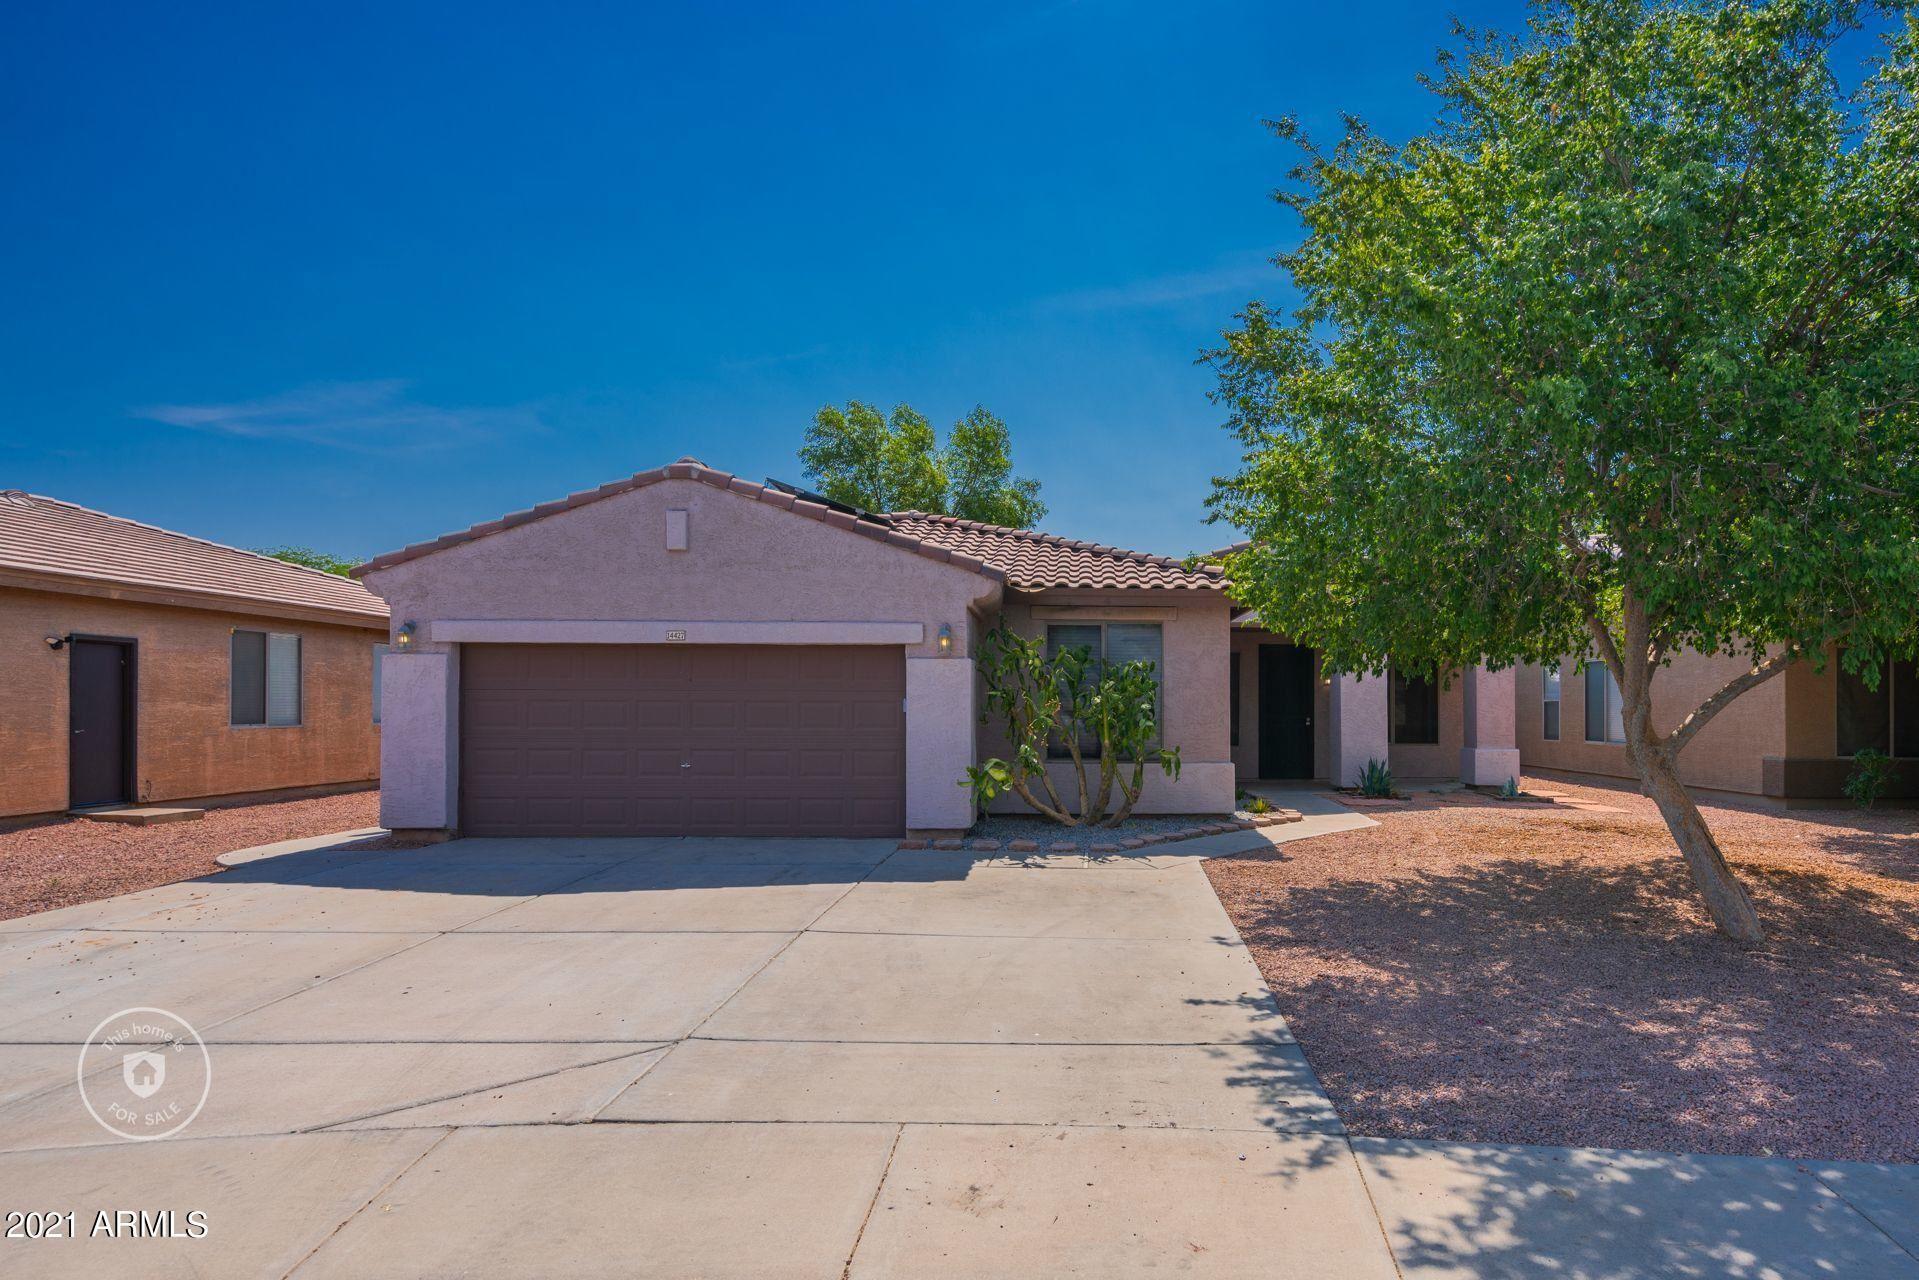 14427 N 149TH Drive, Surprise, AZ 85379 - MLS#: 6254244